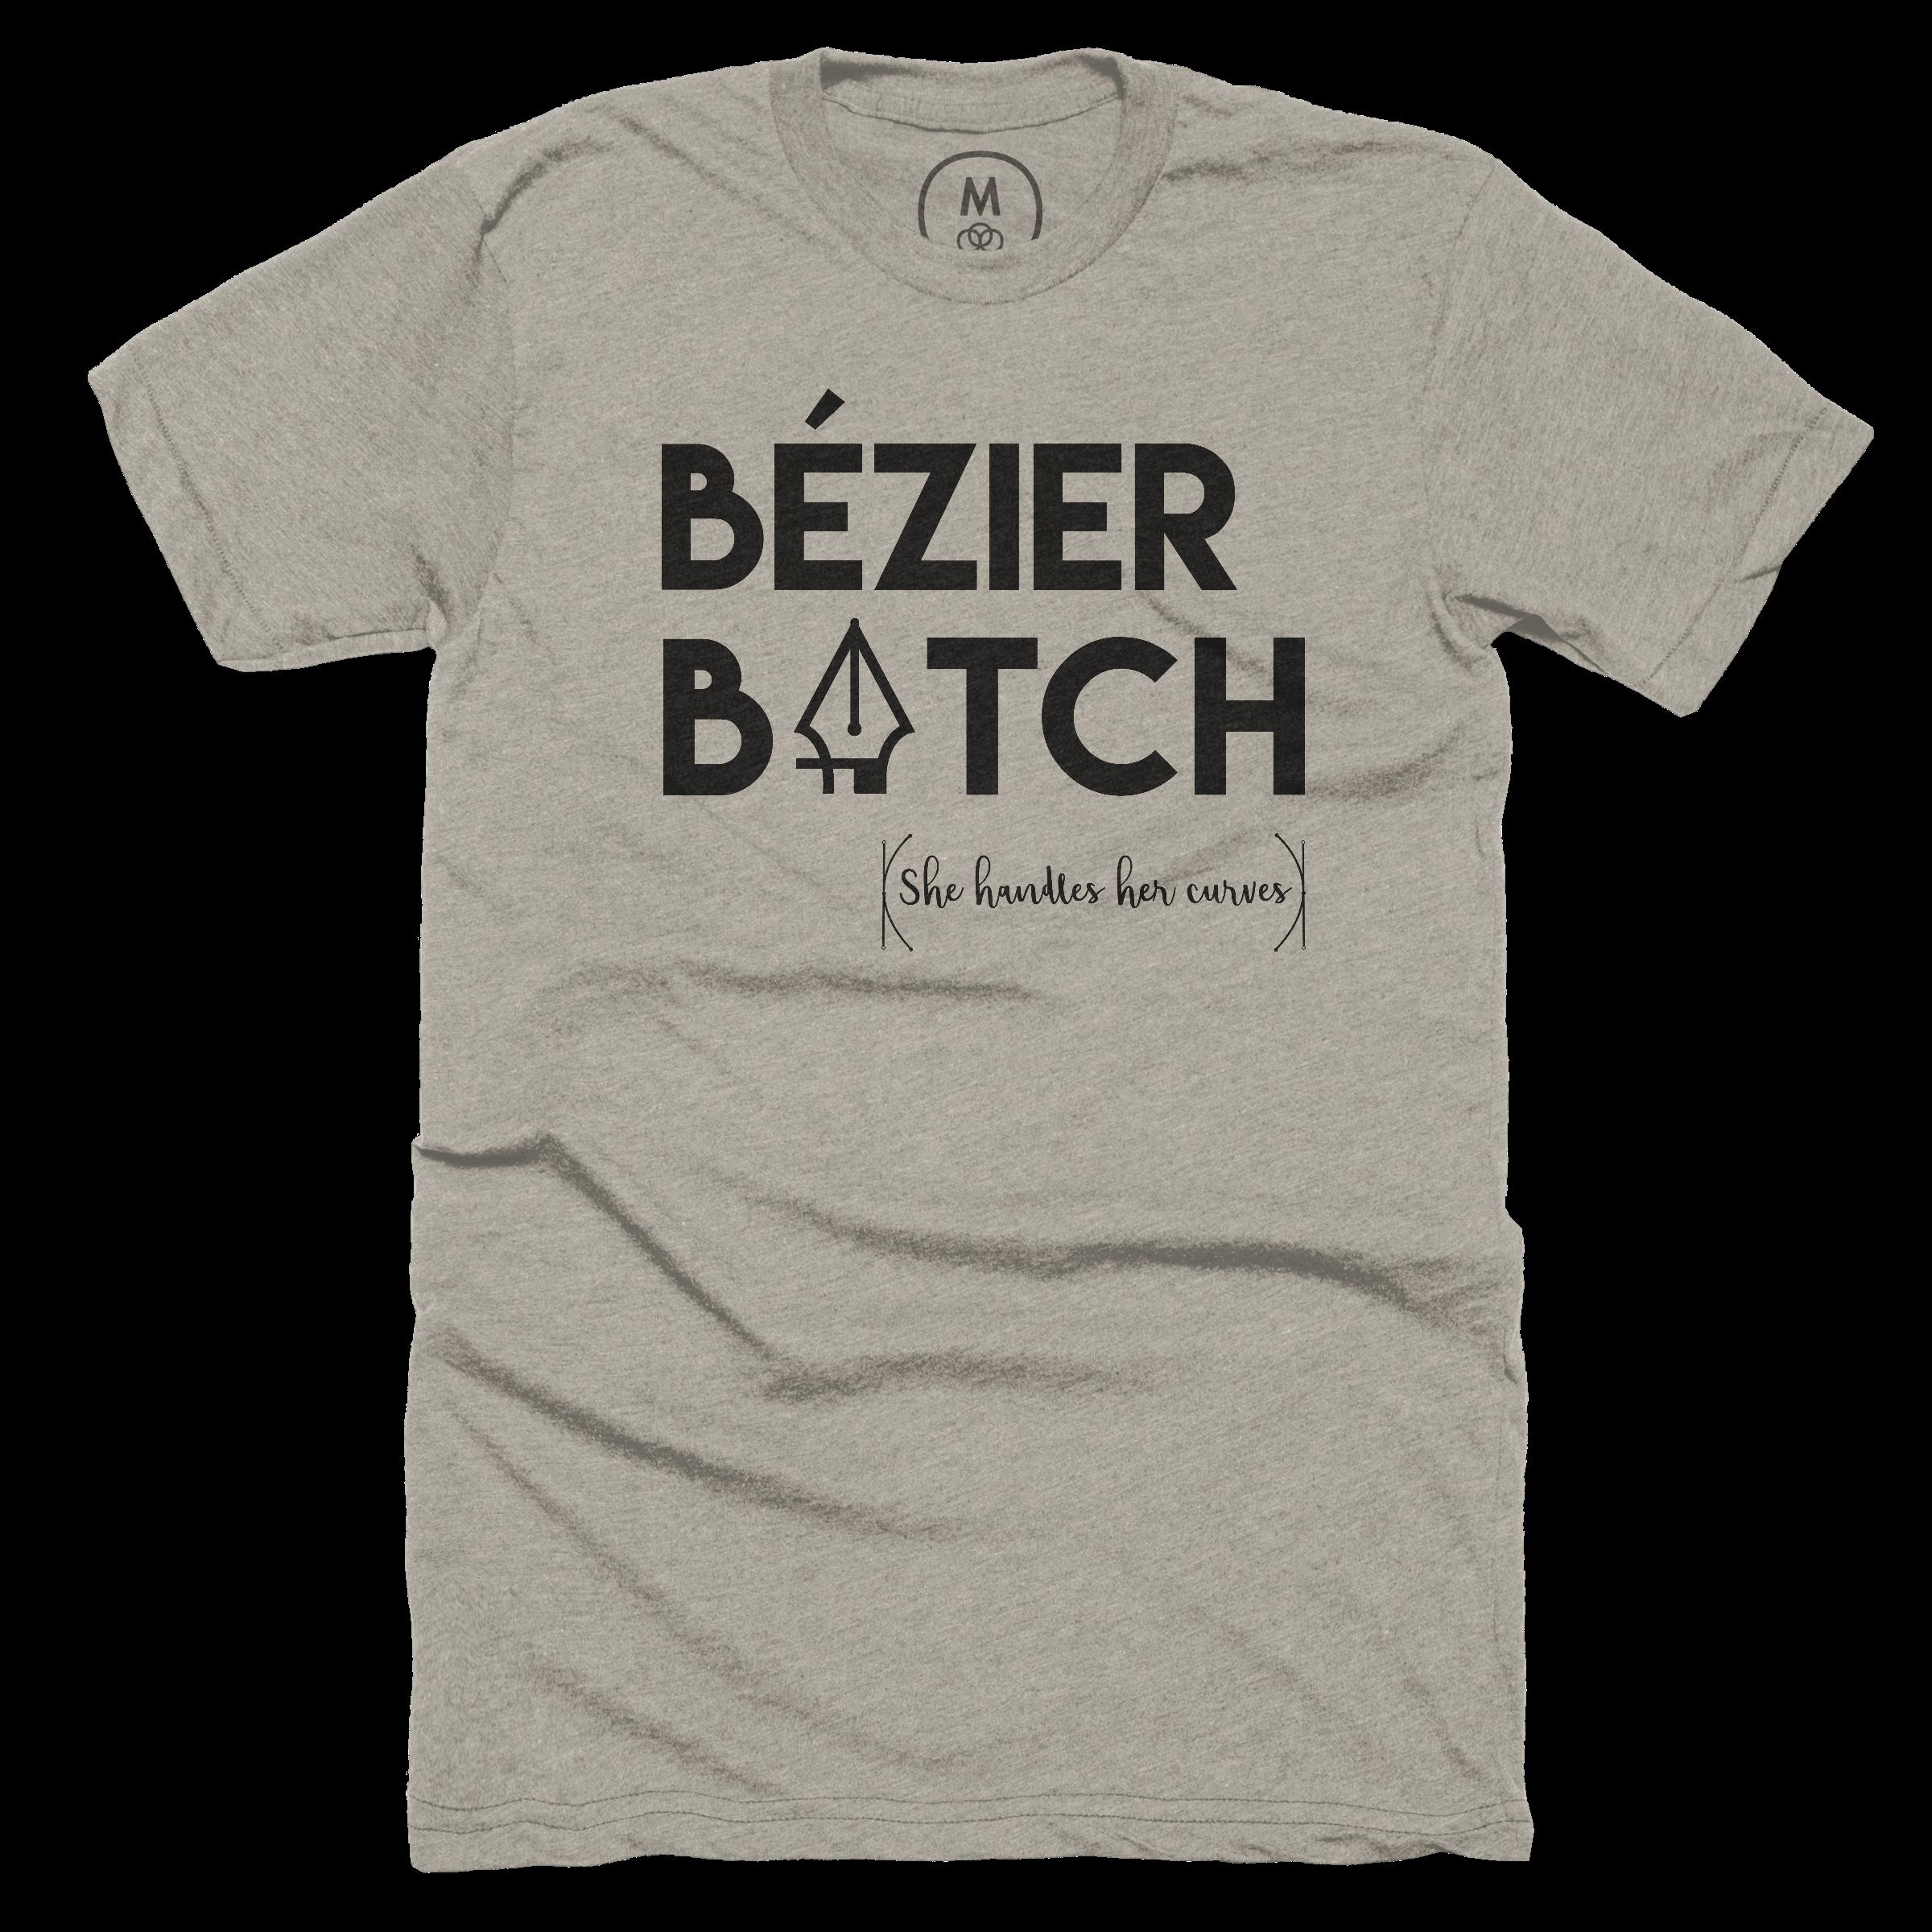 Bézier B!tch